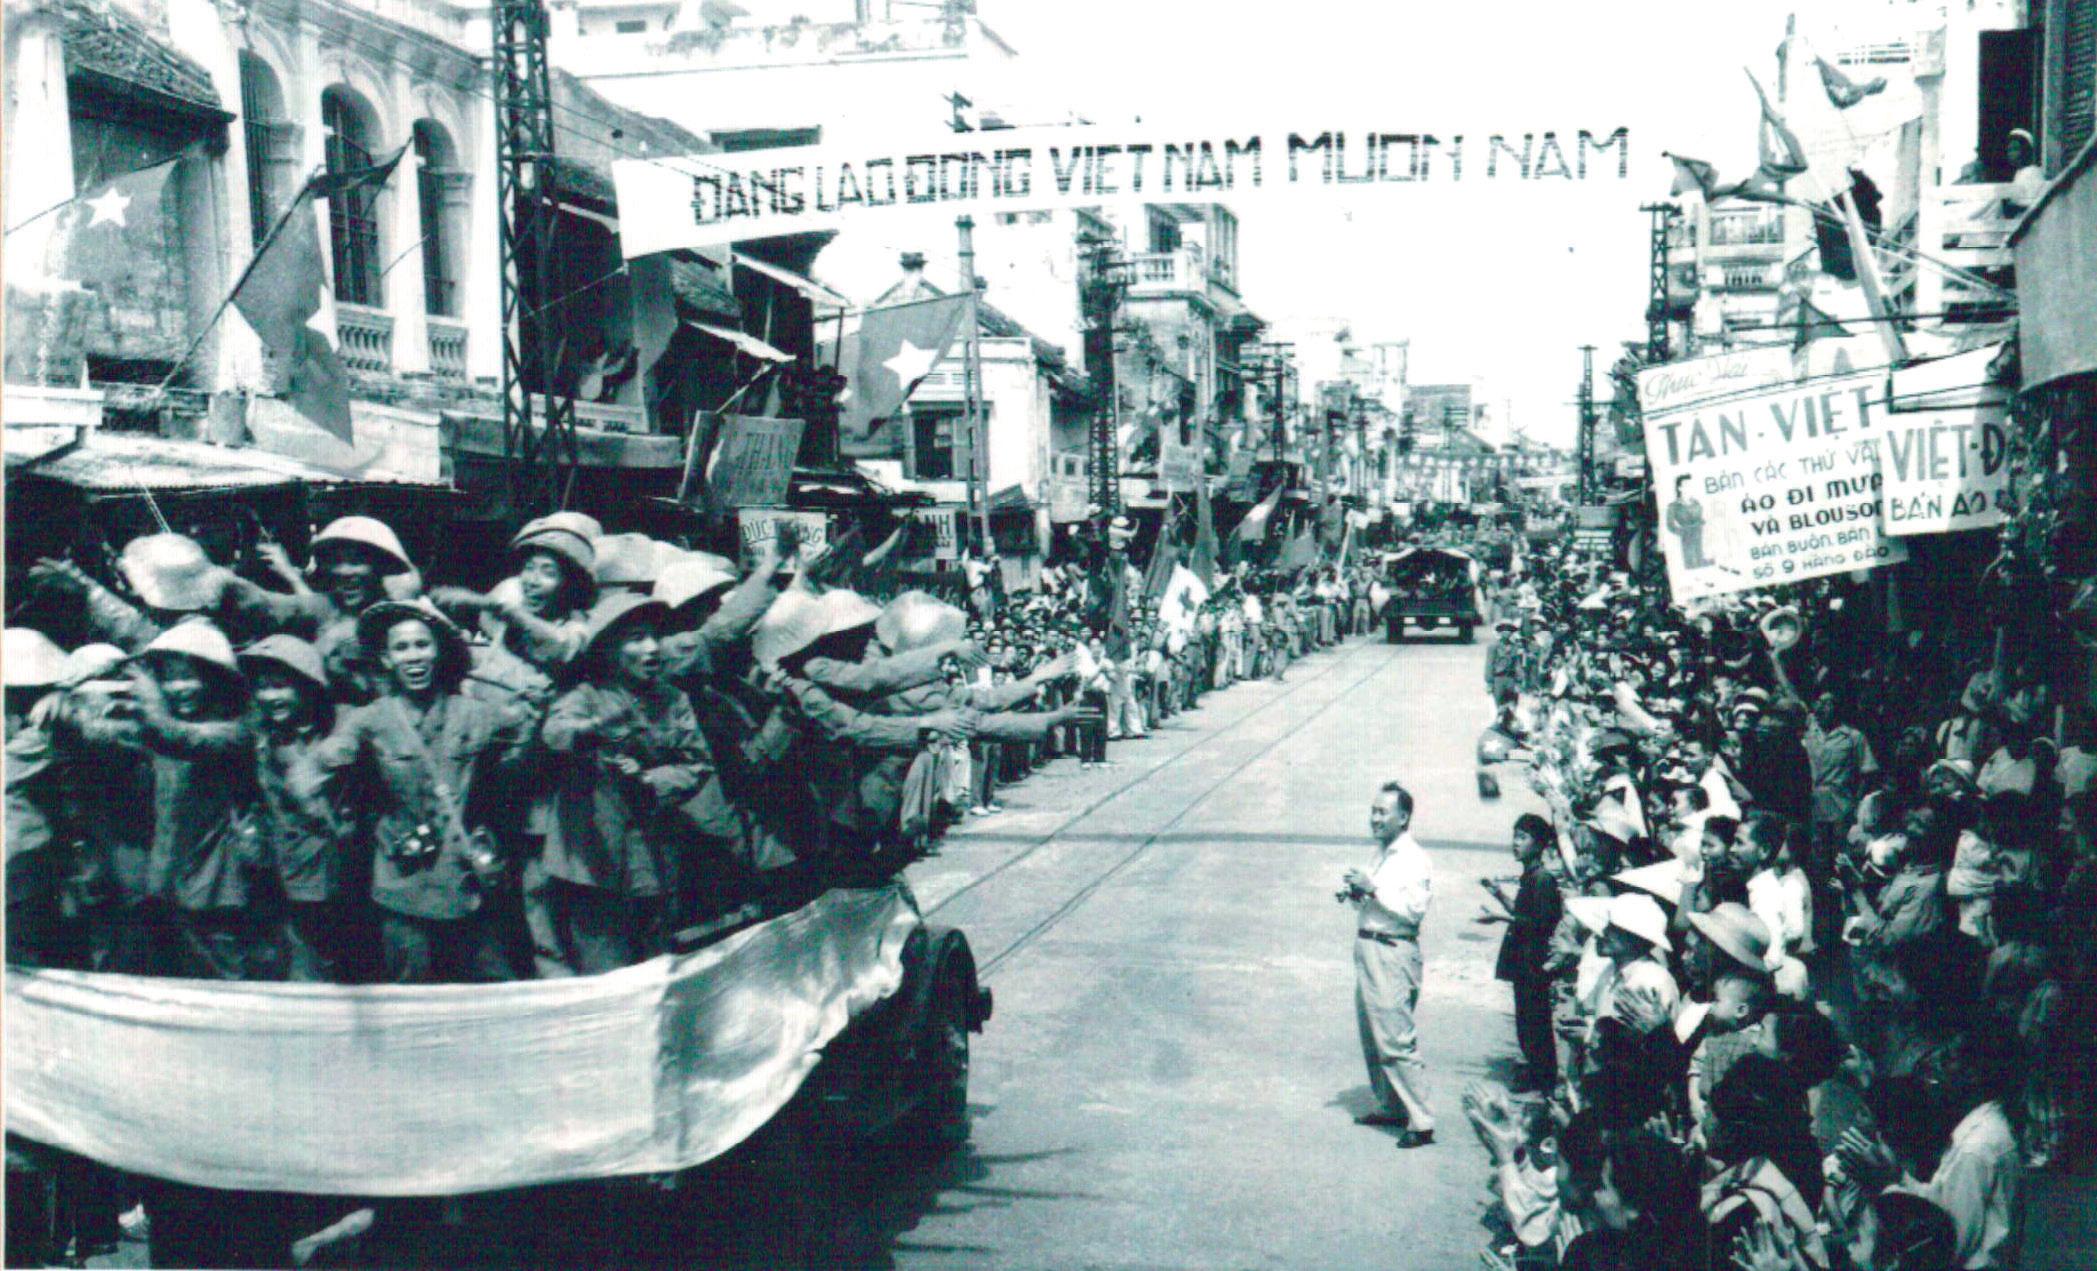 7 lần giải phóng Thủ đô trong lịch sử Việt Nam